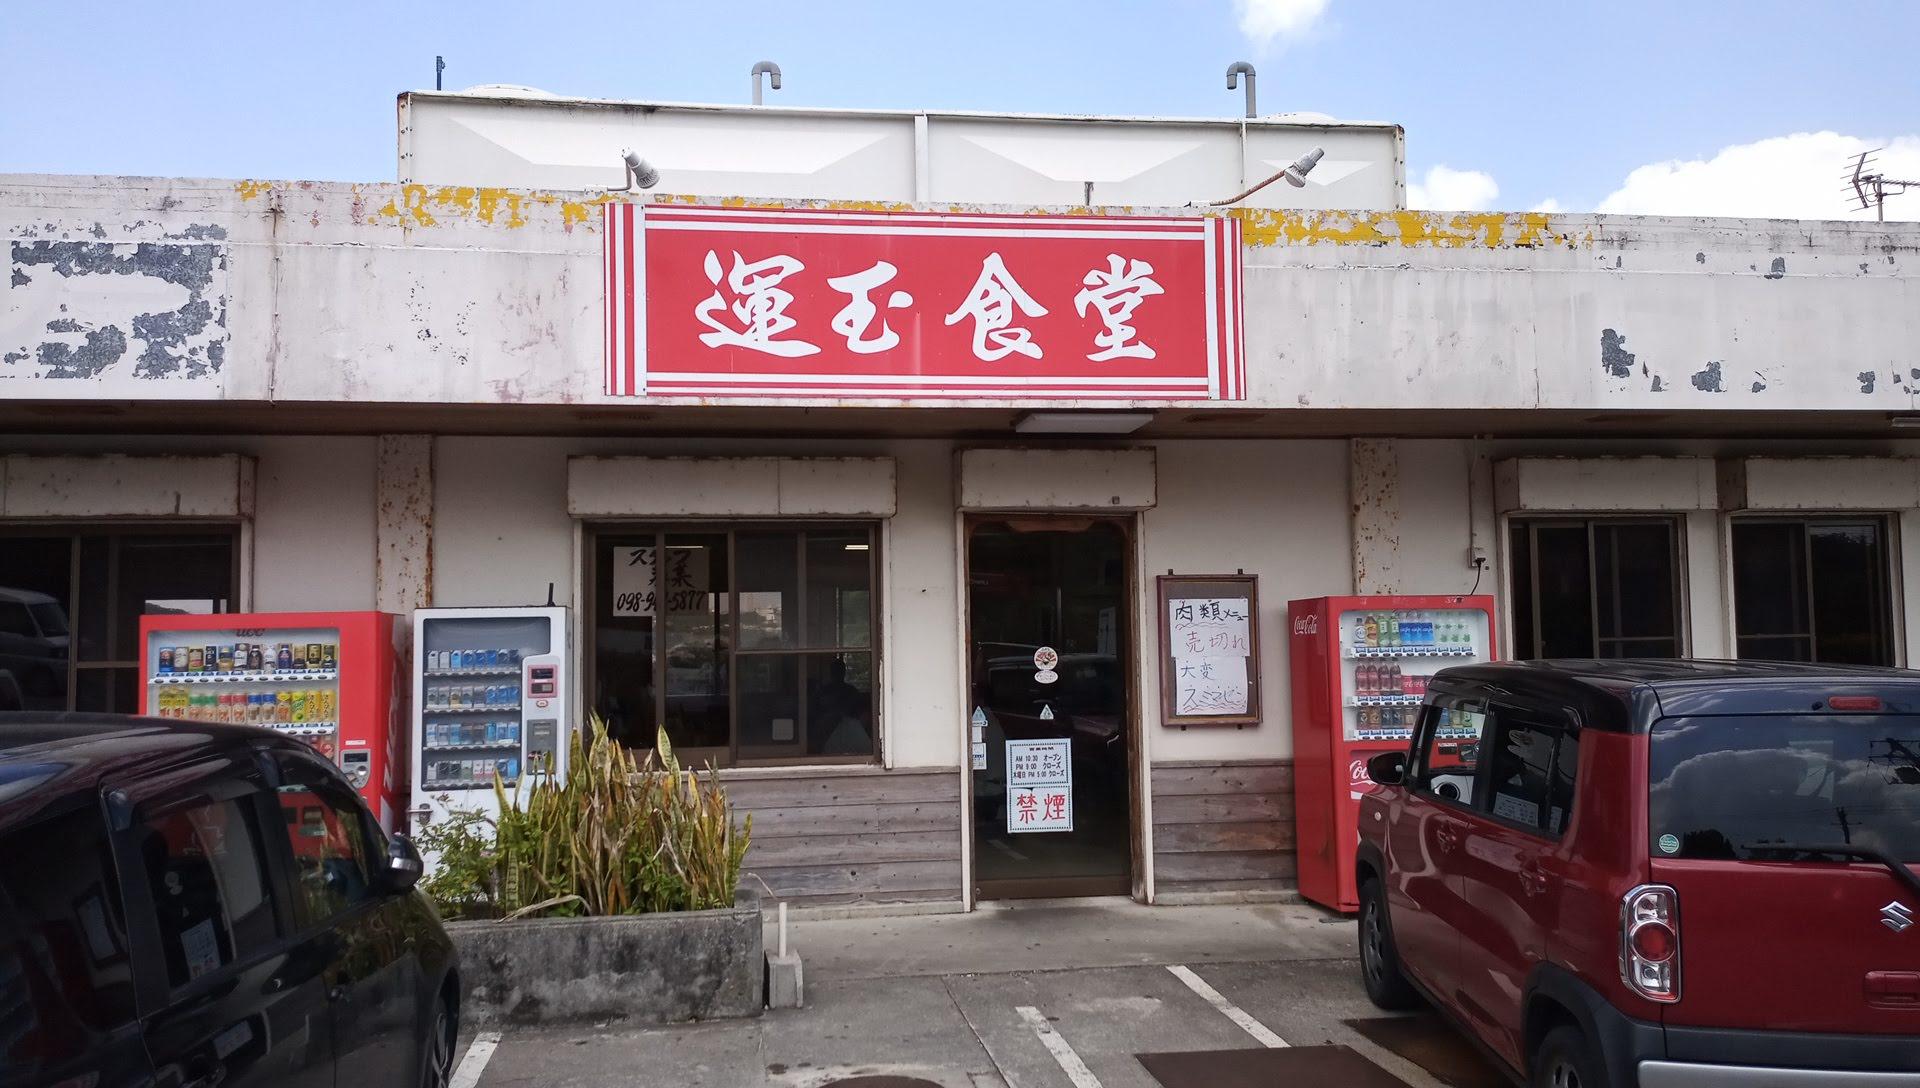 チキンカツ炒飯がボリューム満点でうまい‼ 西原町の運玉食堂